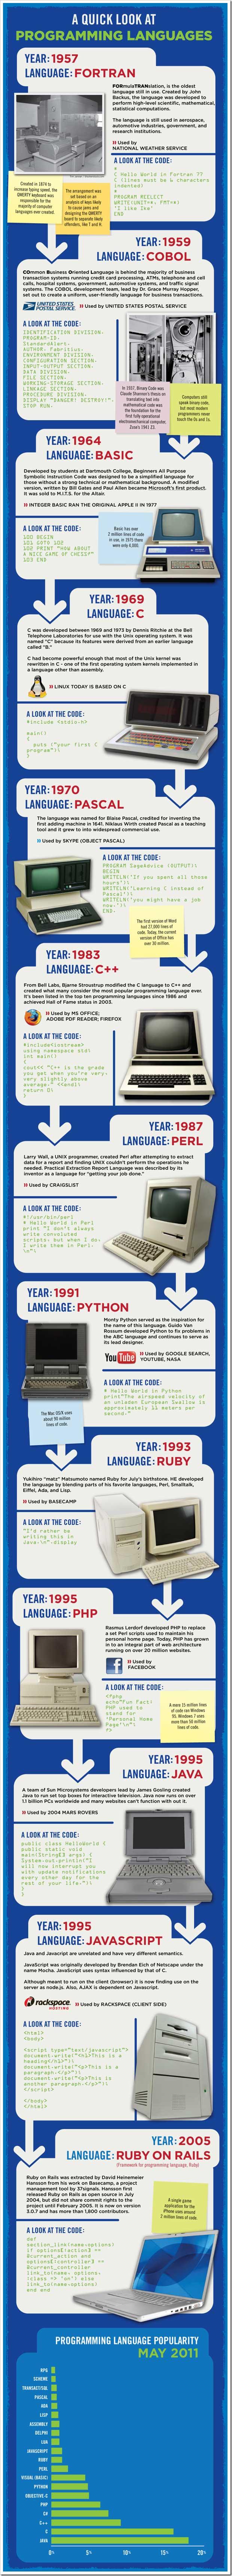 historique langages programmation